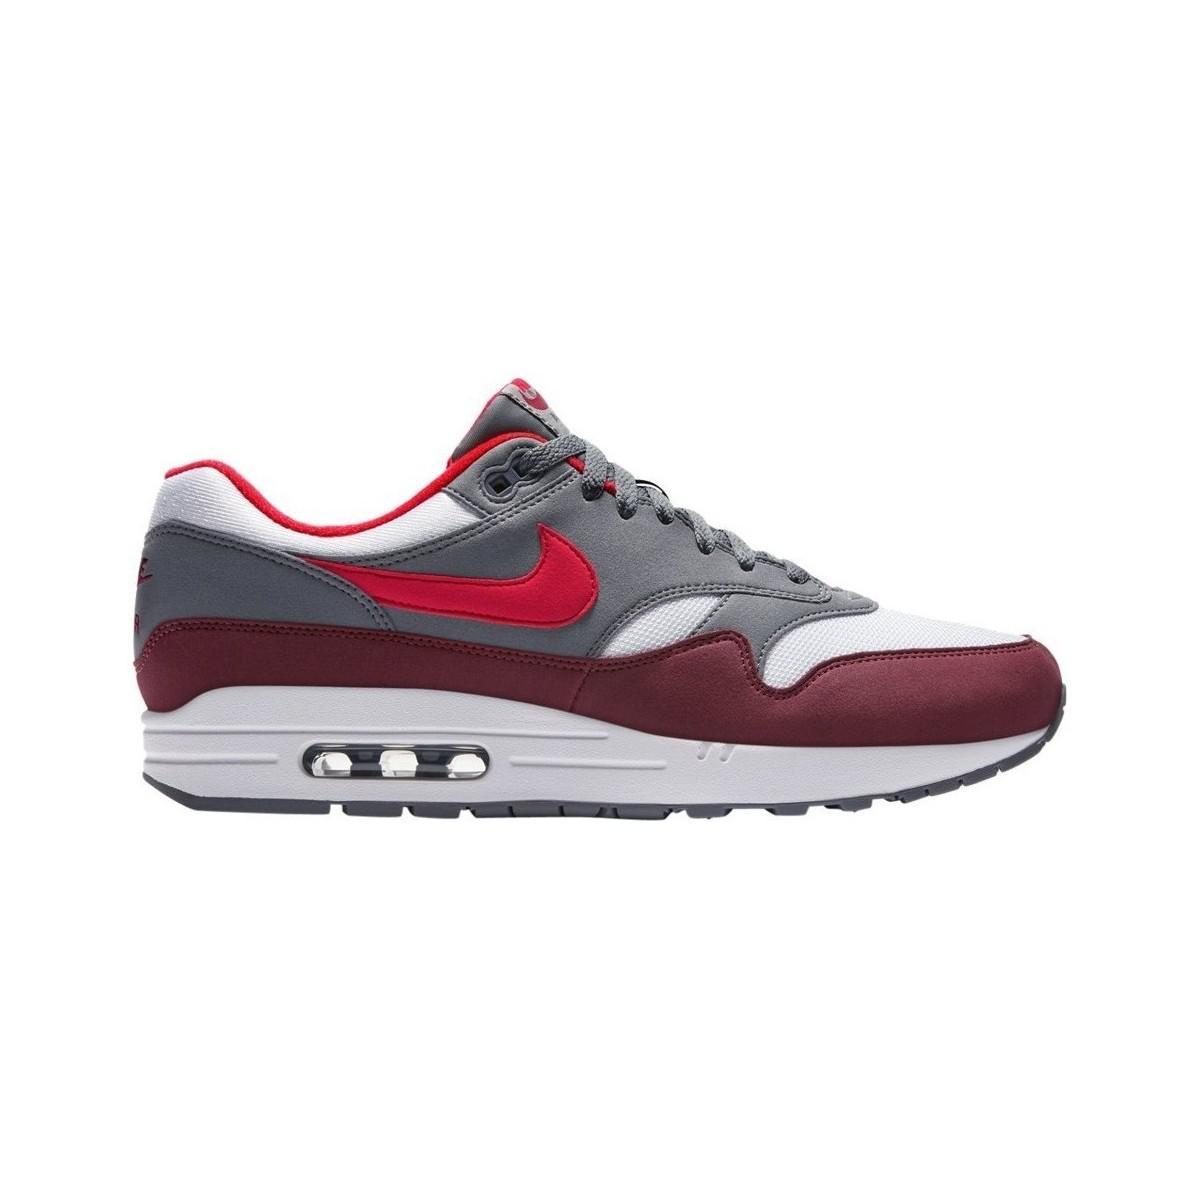 lyst nike air max 1 scarpe da uomo (formatori) in multicolour per gli uomini.